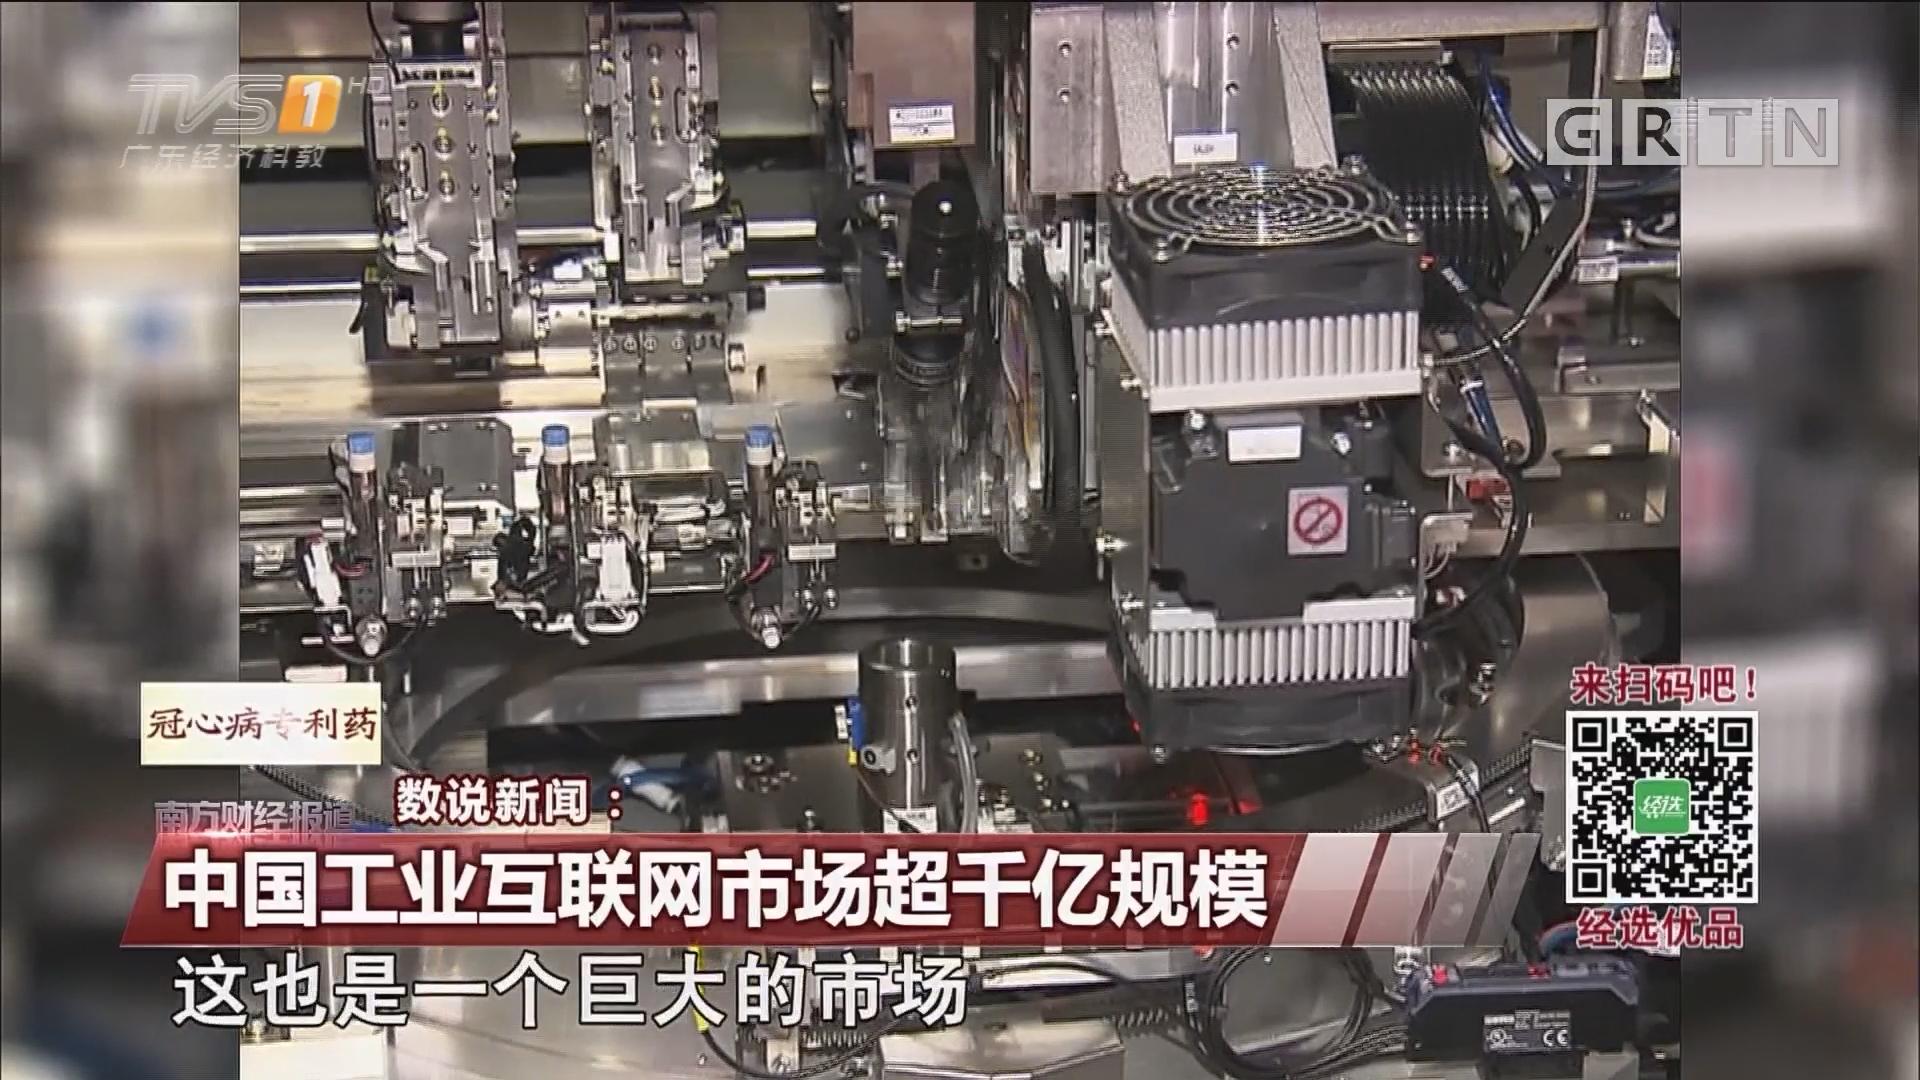 中国工业互联网市场超千亿规模